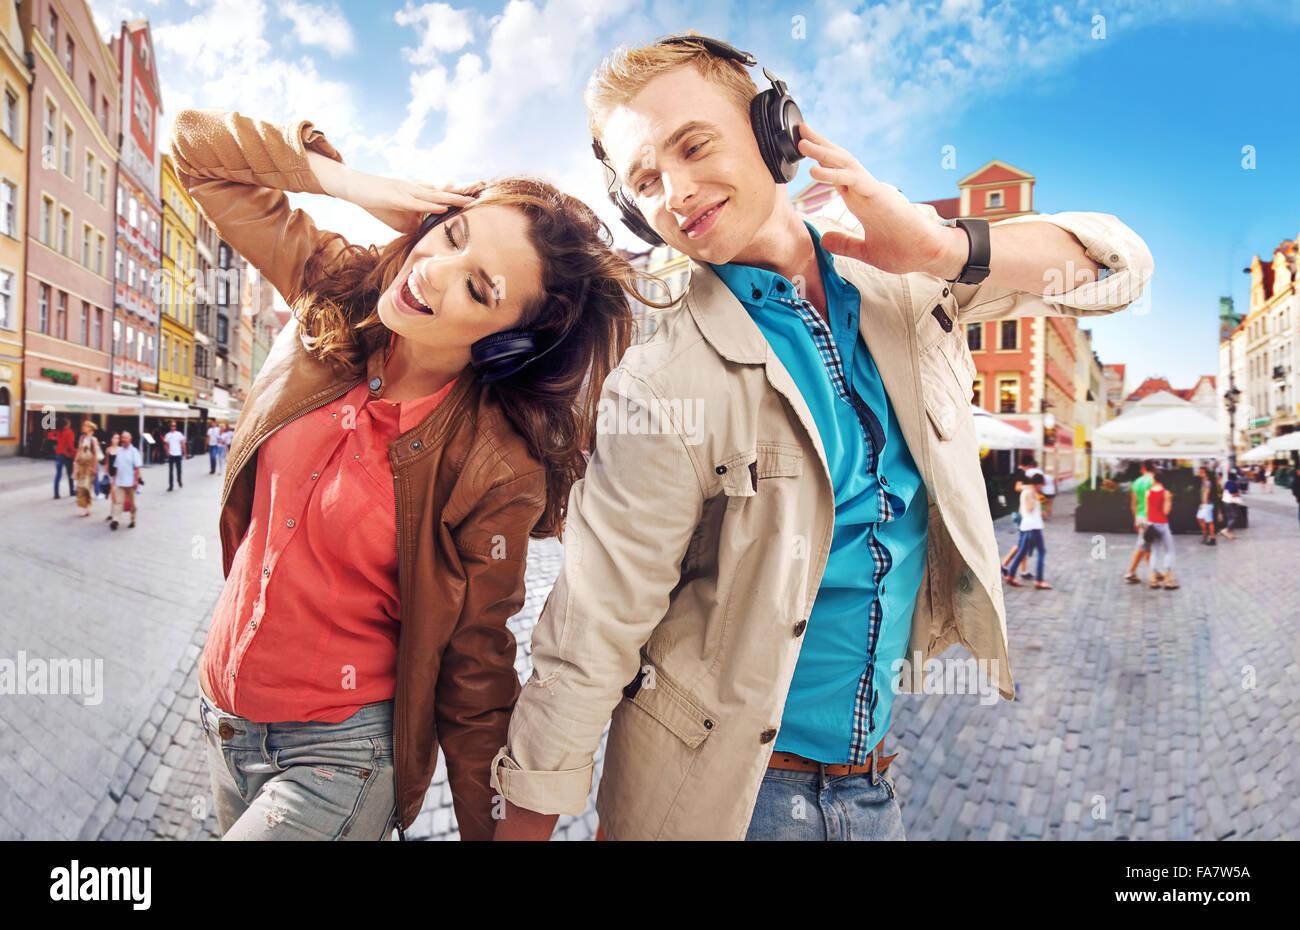 Alegre pareja bailando en el centro de la ciudad Imagen De Stock